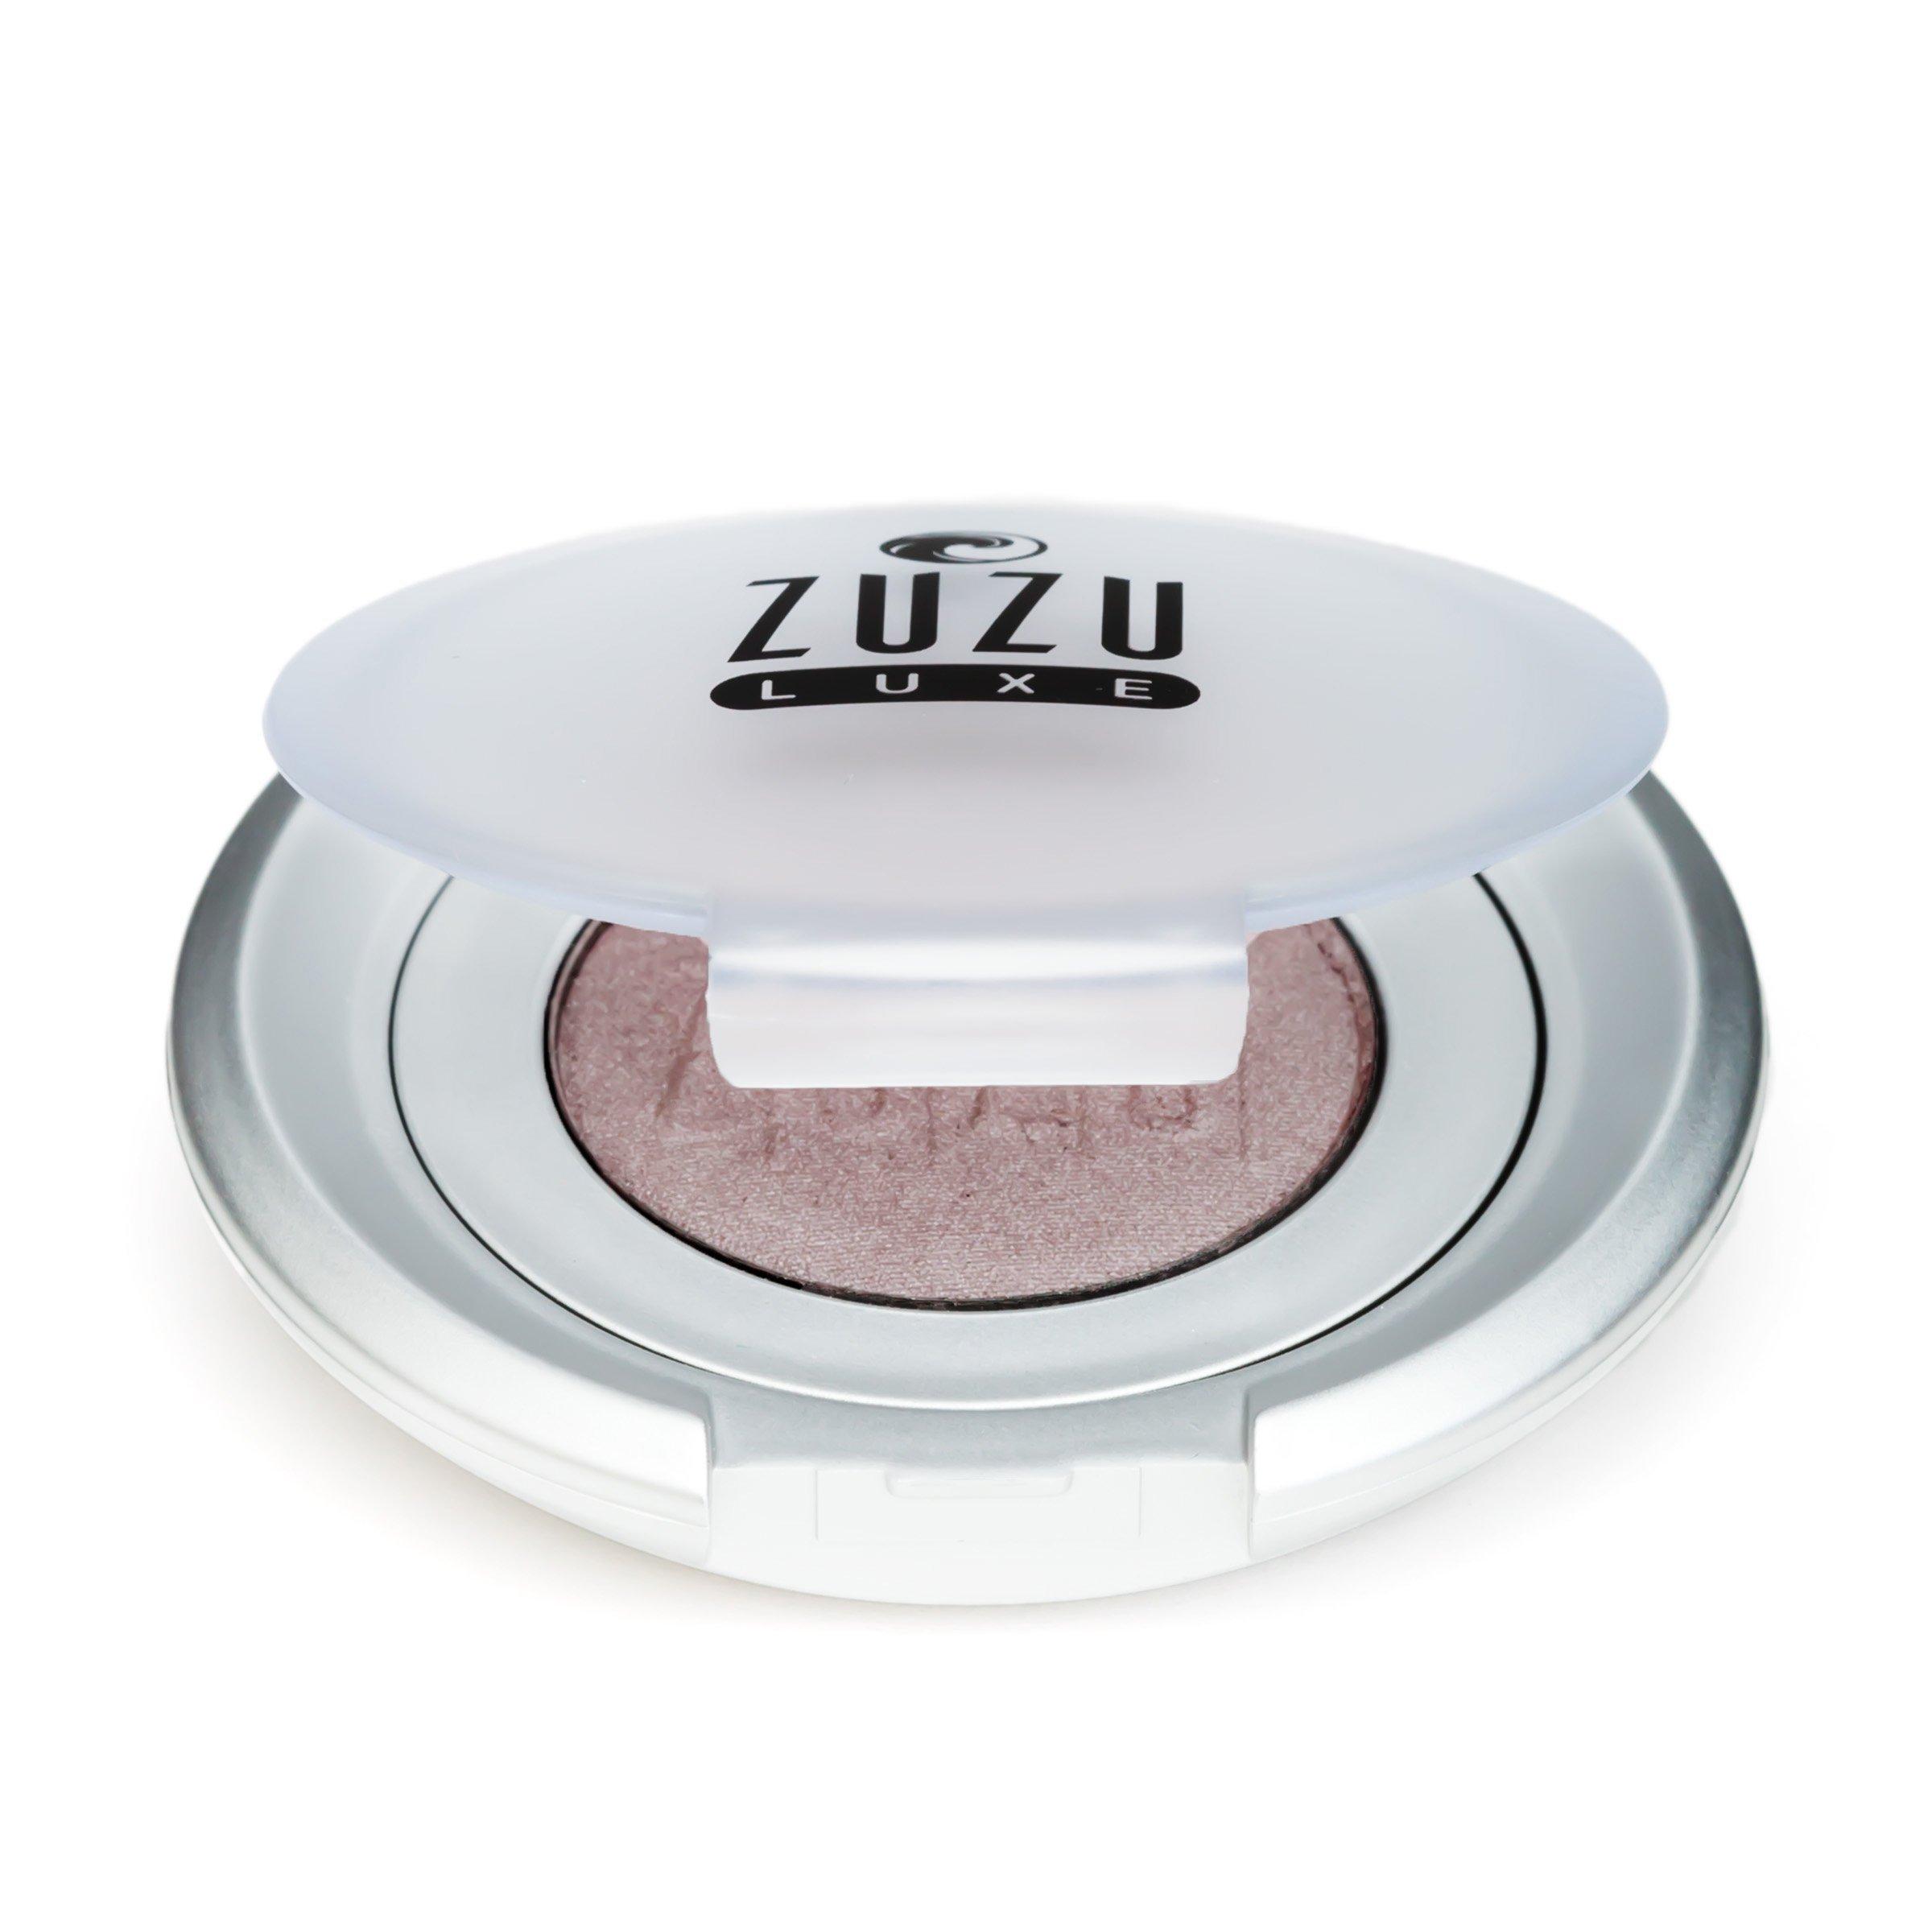 Zuzu Luxe Eyeshadows (Prism),0.07 oz,Mineral Eyeshadow, Richly pigmented, velvety smooth formula. Natural, Paraben Free, Vegan, Gluten-free, Cruelty-free, Non GMO.